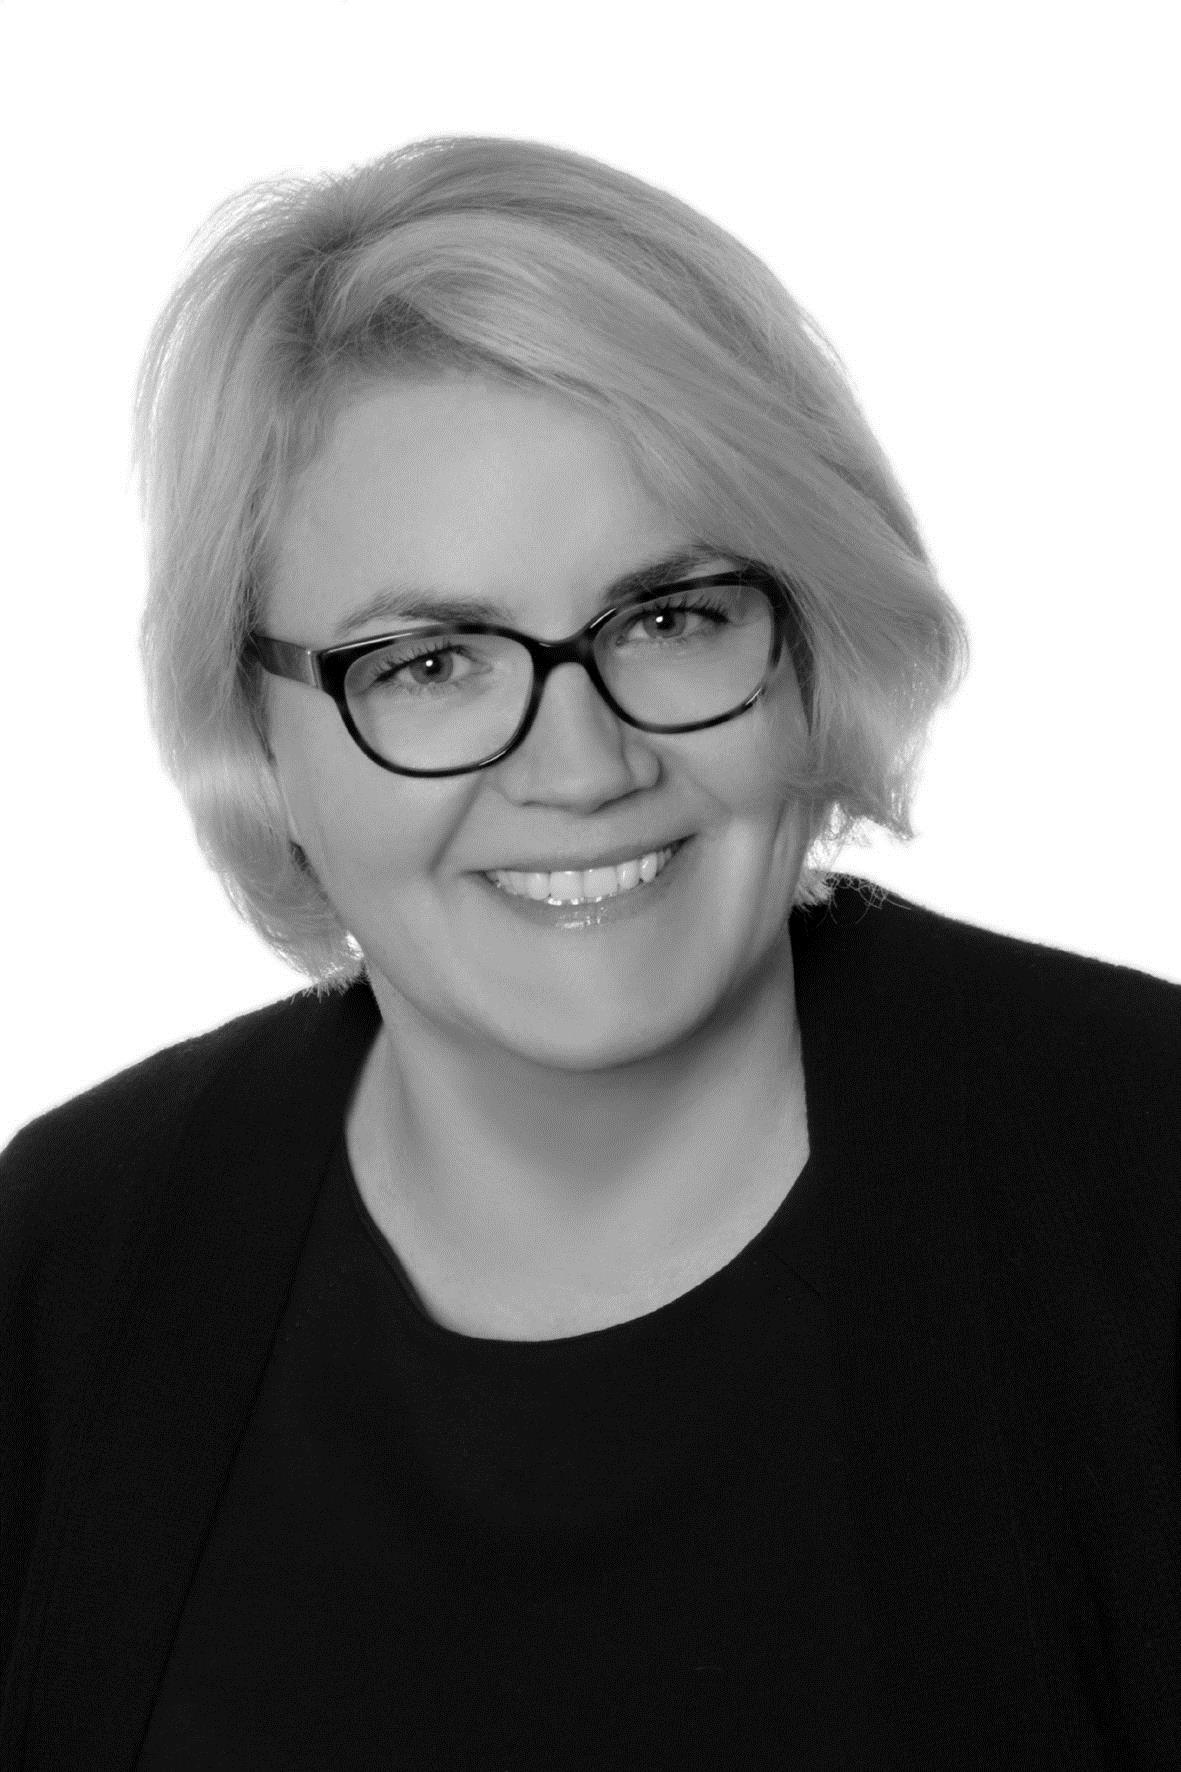 Johanna Rammer-Wutte